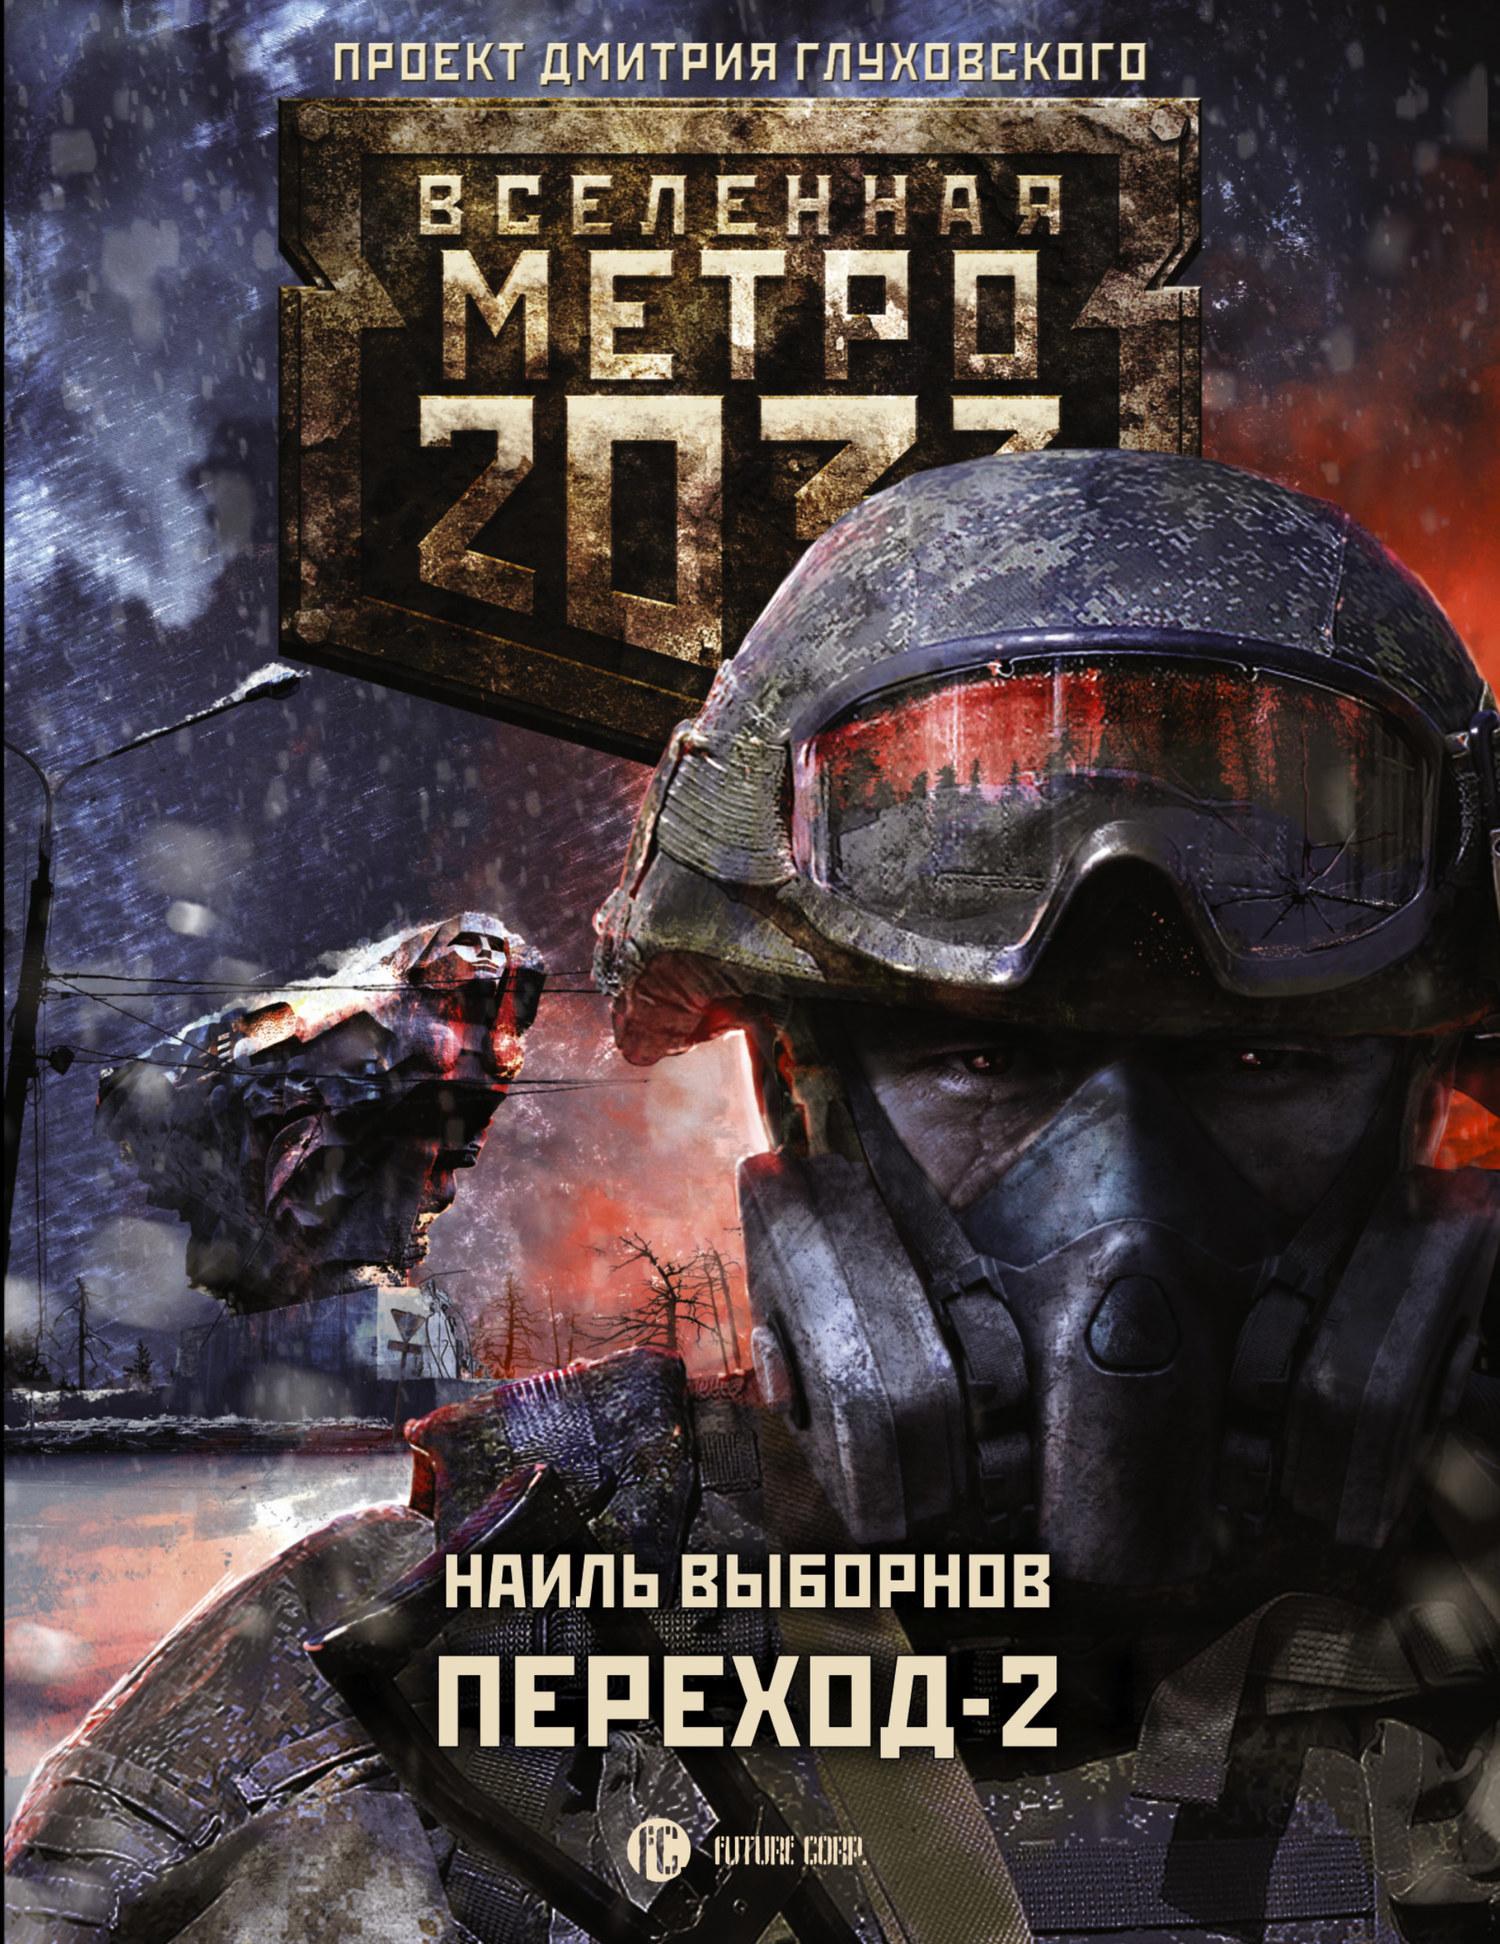 Наиль Выборнов - Метро 2033. Переход-2. На другой стороне